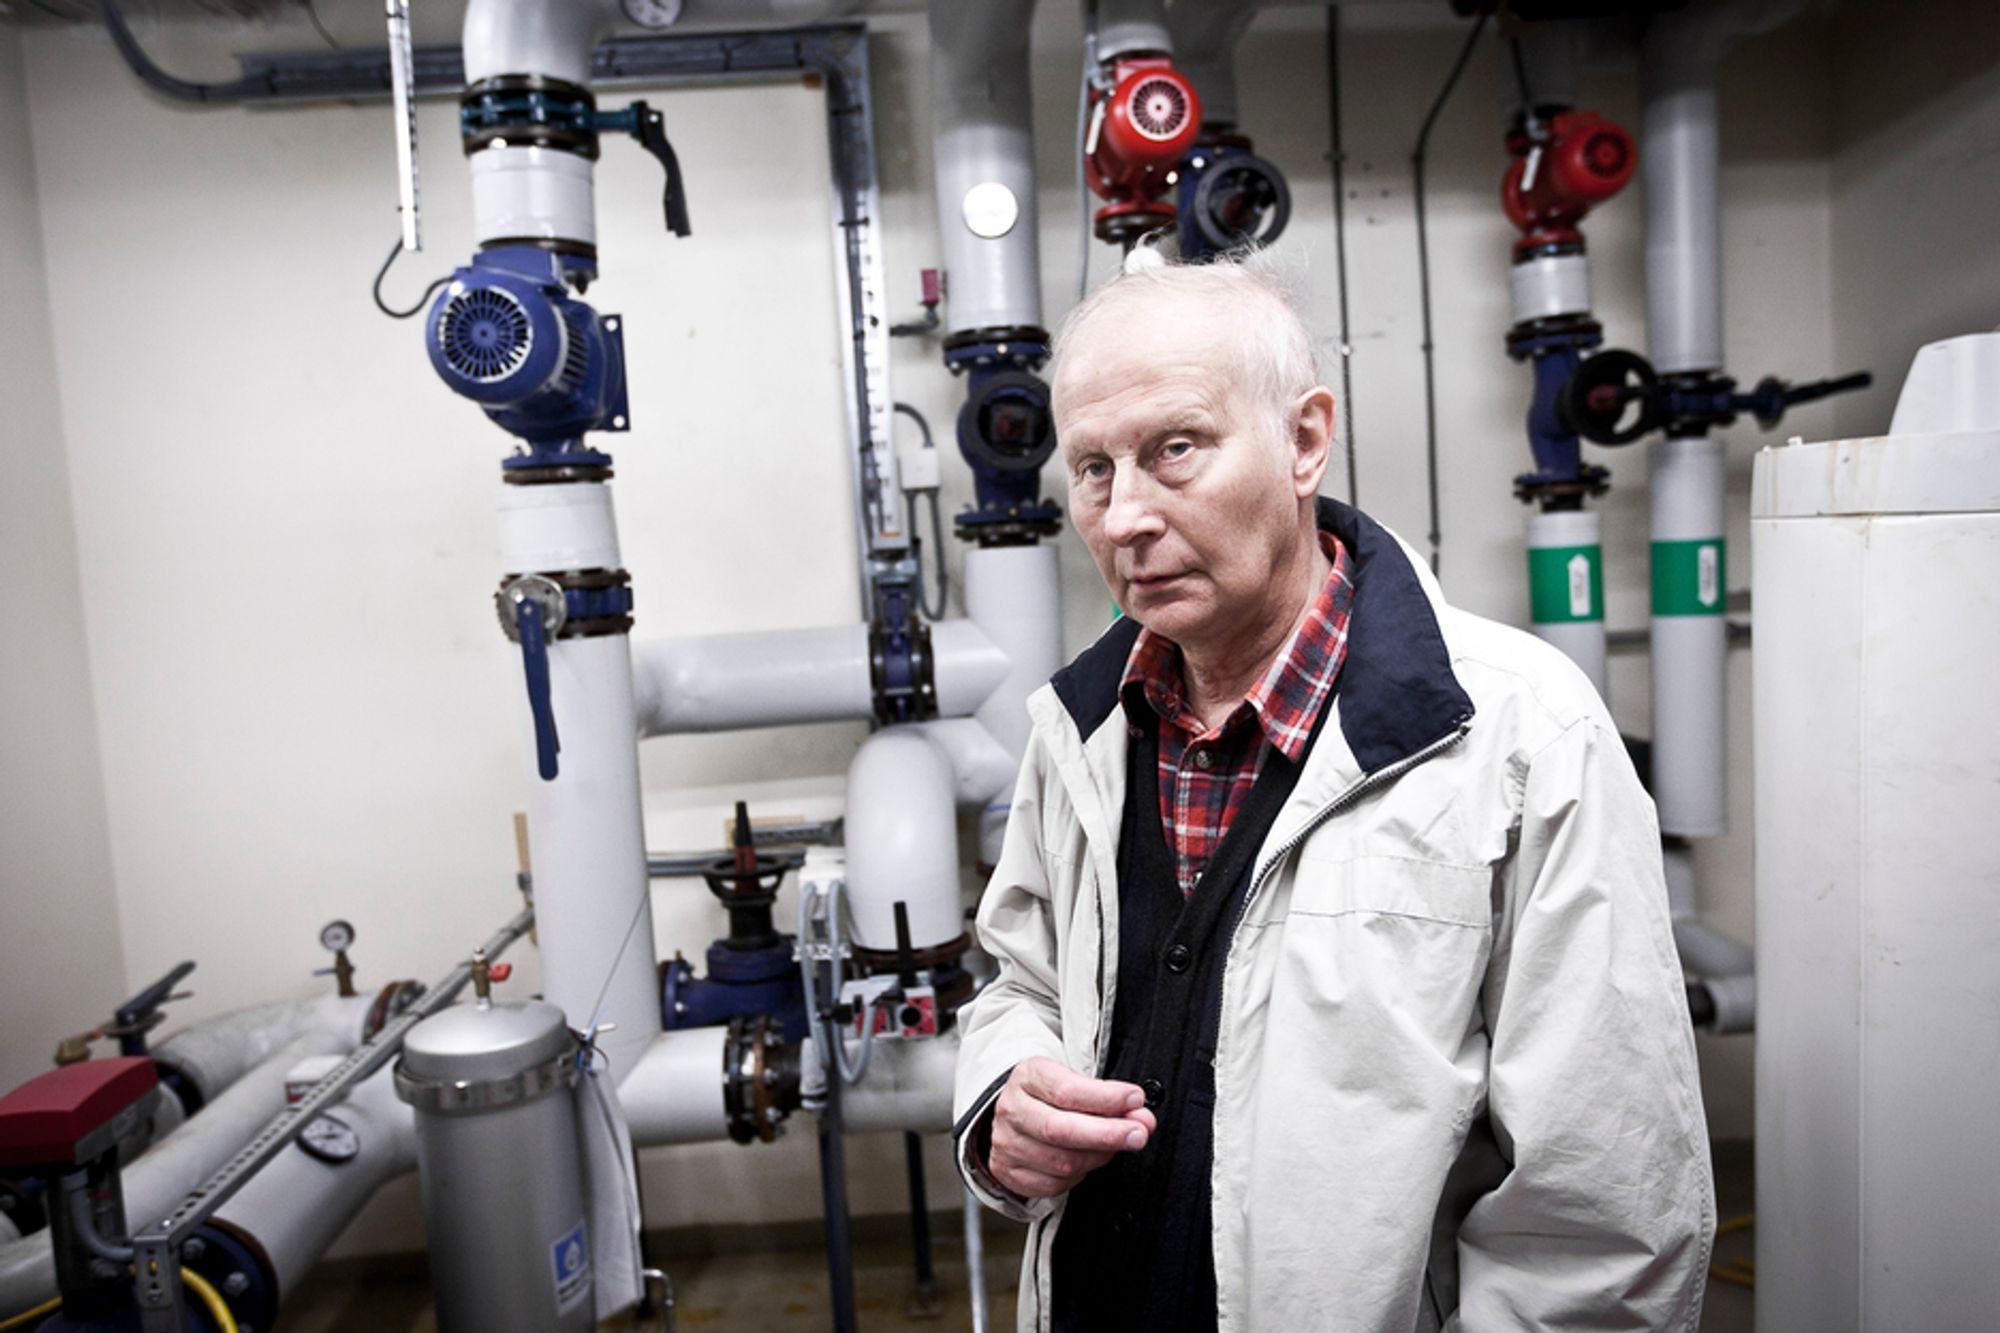 SPARER PENGER: Energieffektivisering fører både til sparte penger og bedre inneklima, sier energi- og miljøingeniør Gunnar Erik Johansen i Undervisningsbygg Oslo.